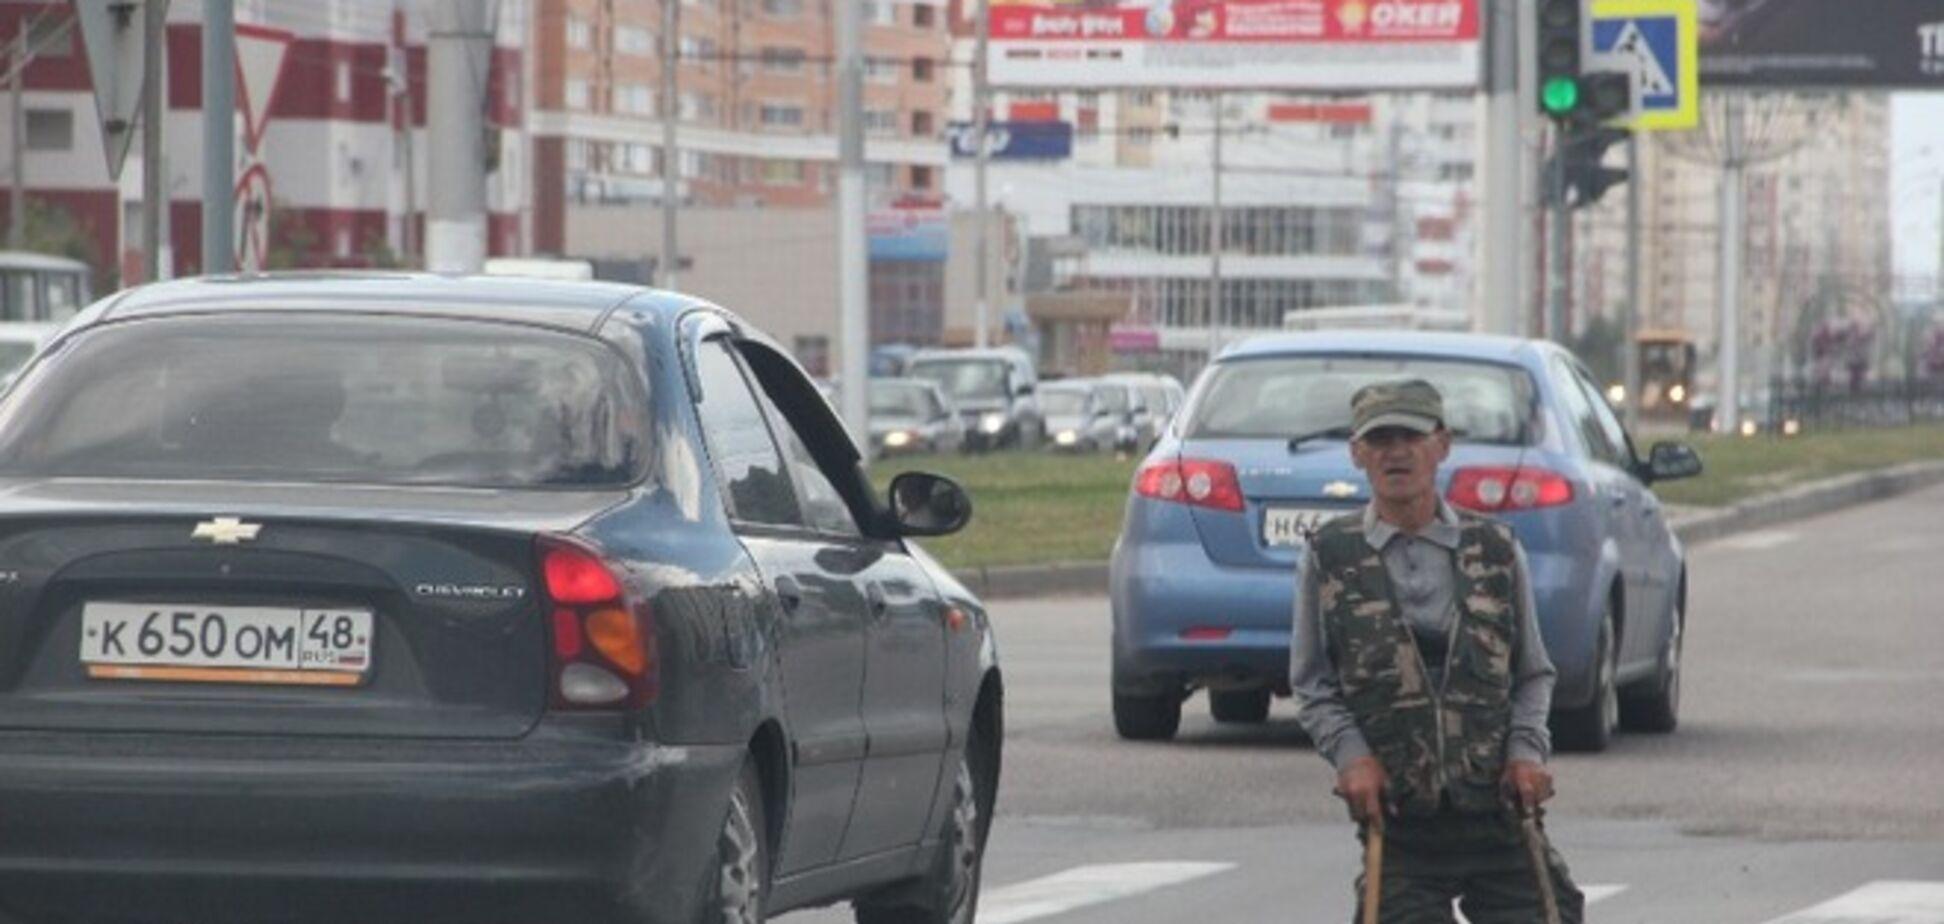 В России 'ветеранов' из 'ДНР' ждет бесславное будущее - журналист